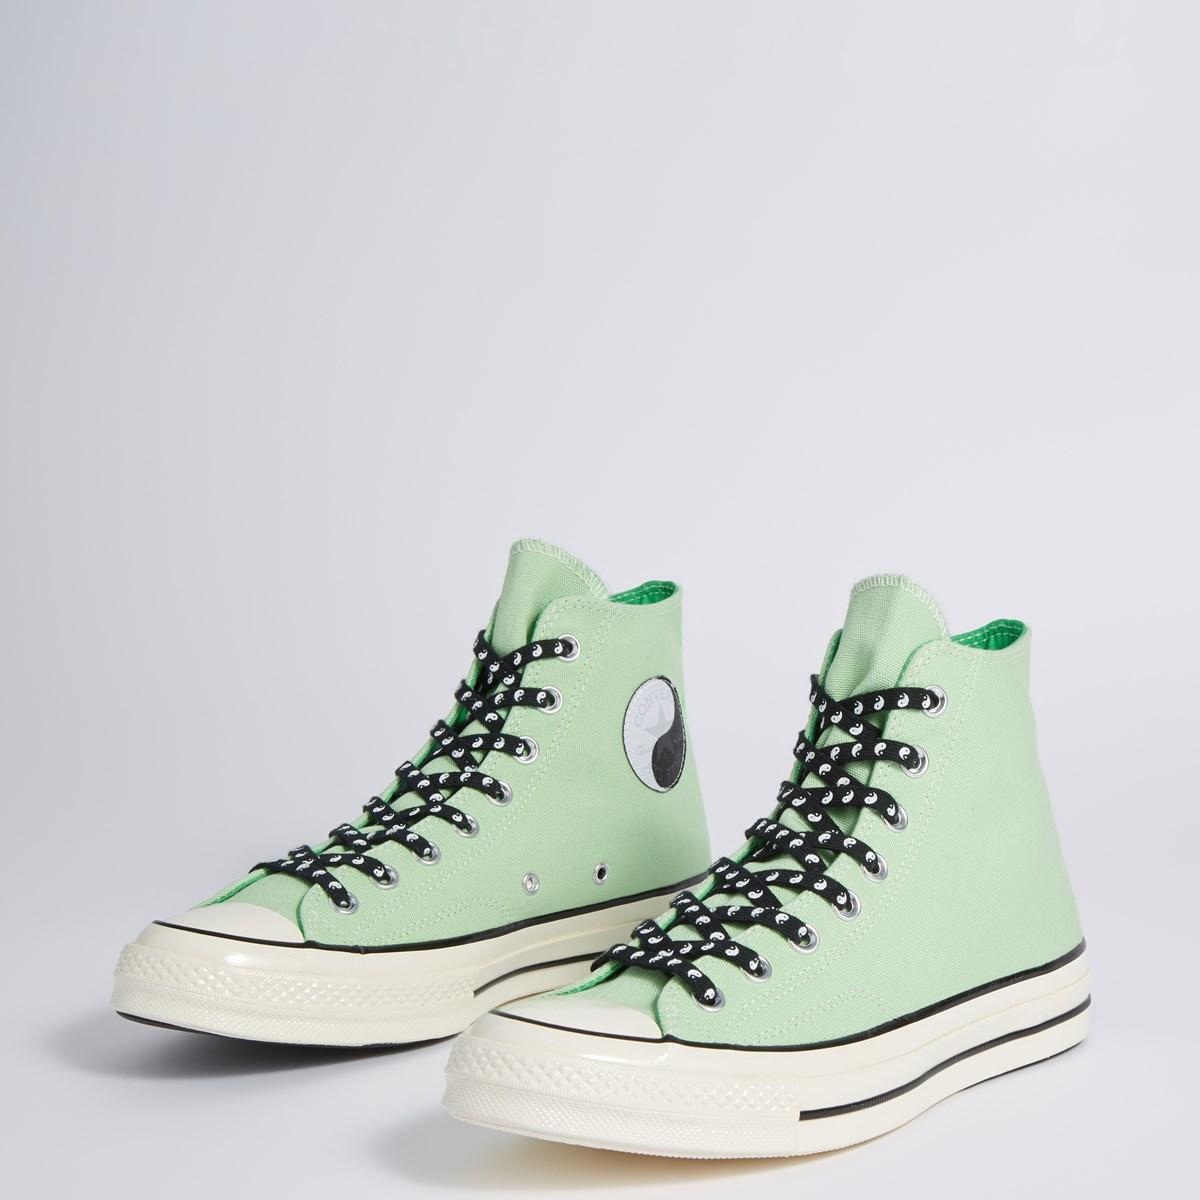 Men's Chuck 70 Vintage Hi Sneakers in Green